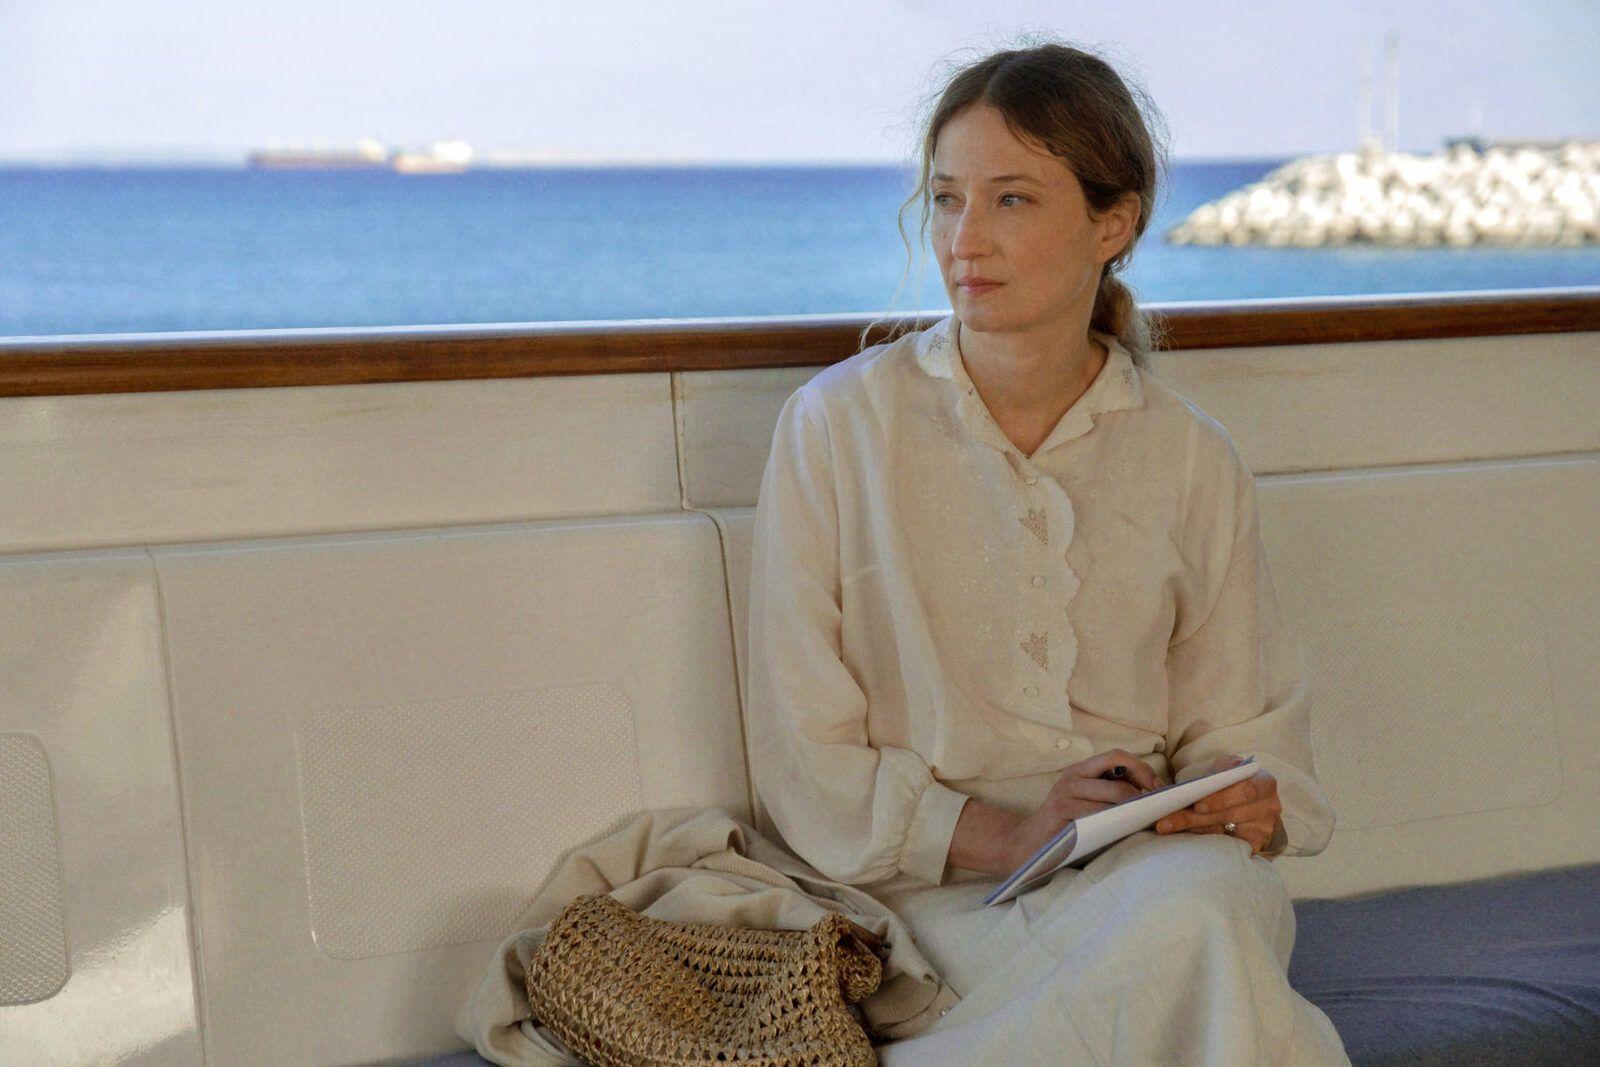 SOUS LE CIEL D'ALICE (BANDE-ANNONCE) de Chloé Mazlo - Le 30 juin 2021 au cinéma